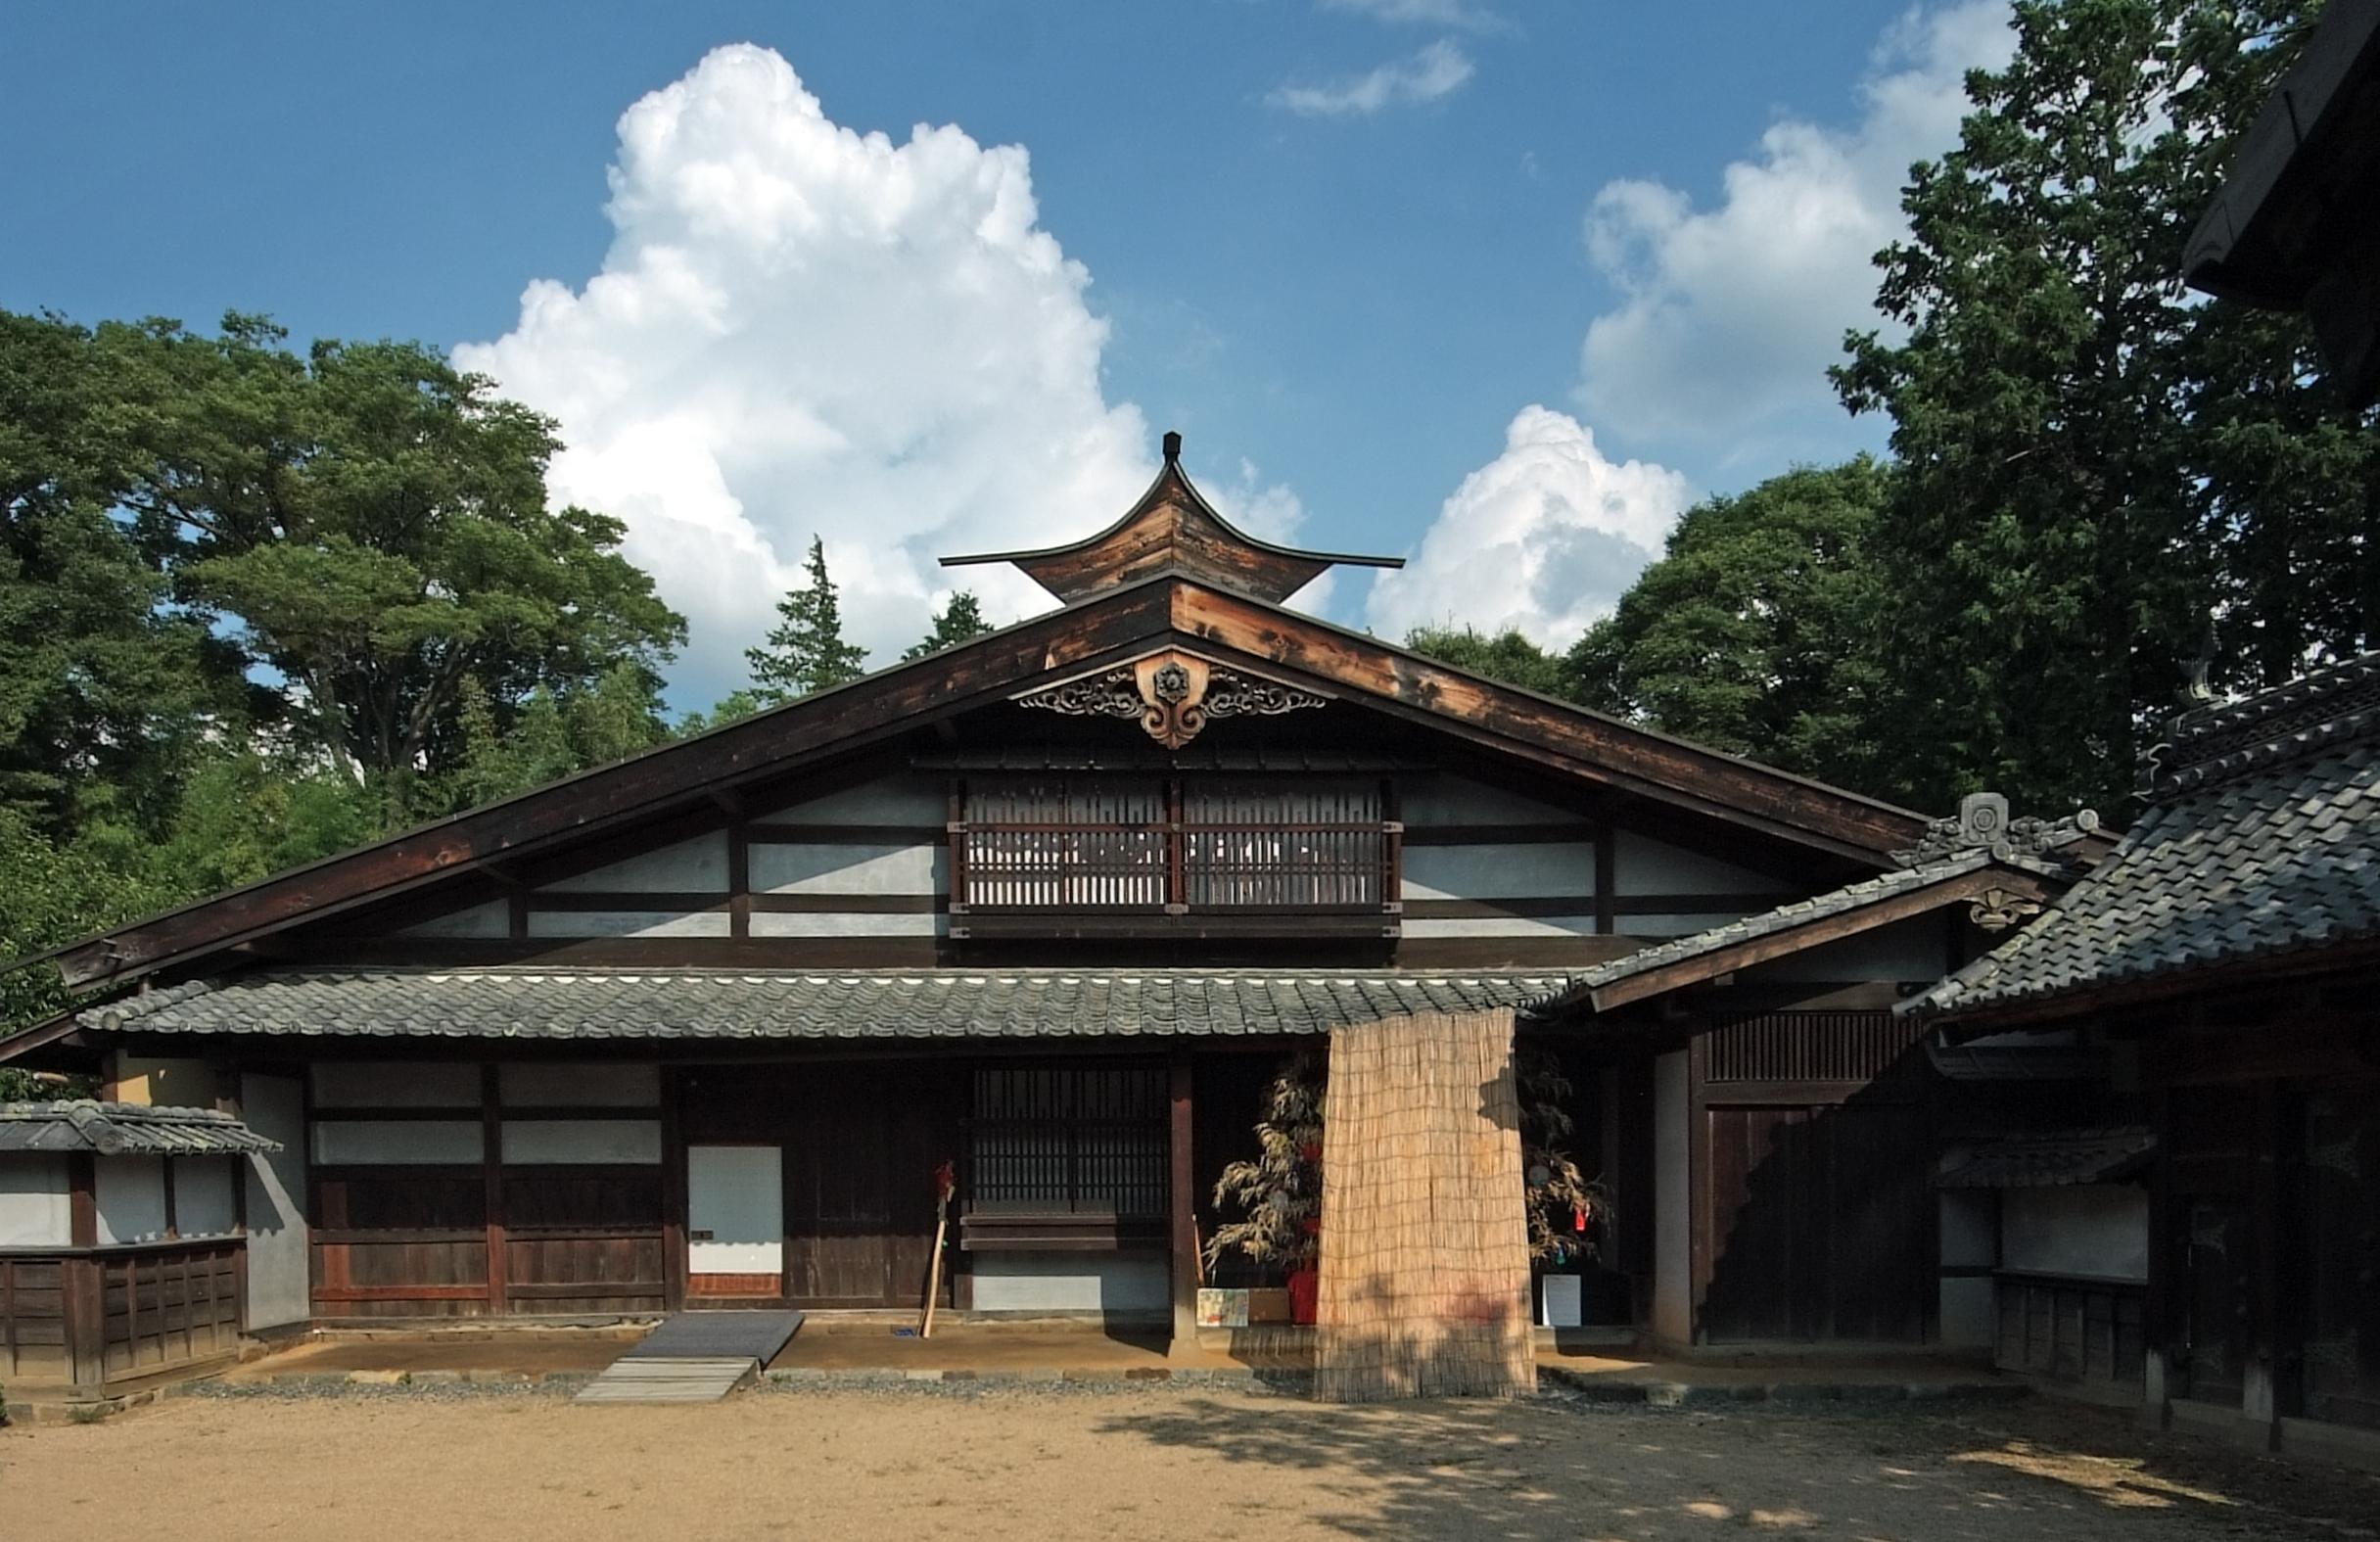 FileBabake house 2010jpg Wikimedia Commons